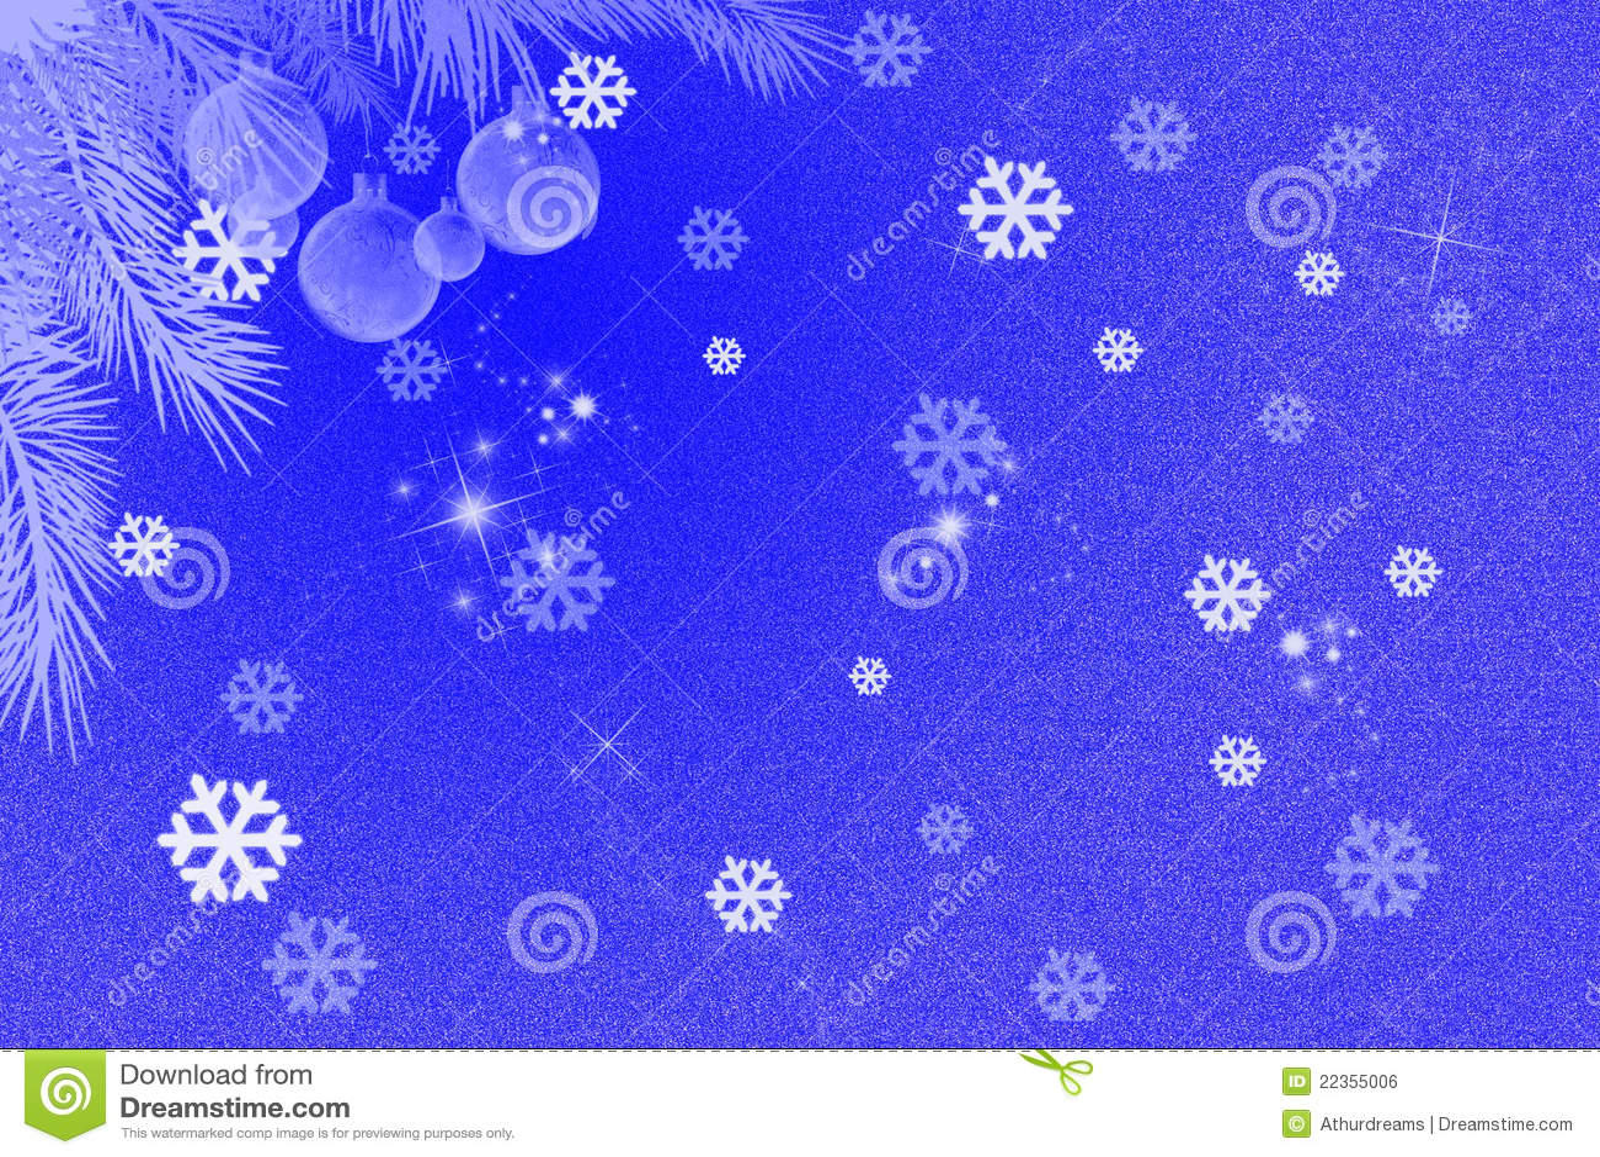 周年纪念看板卡剥落雪向量